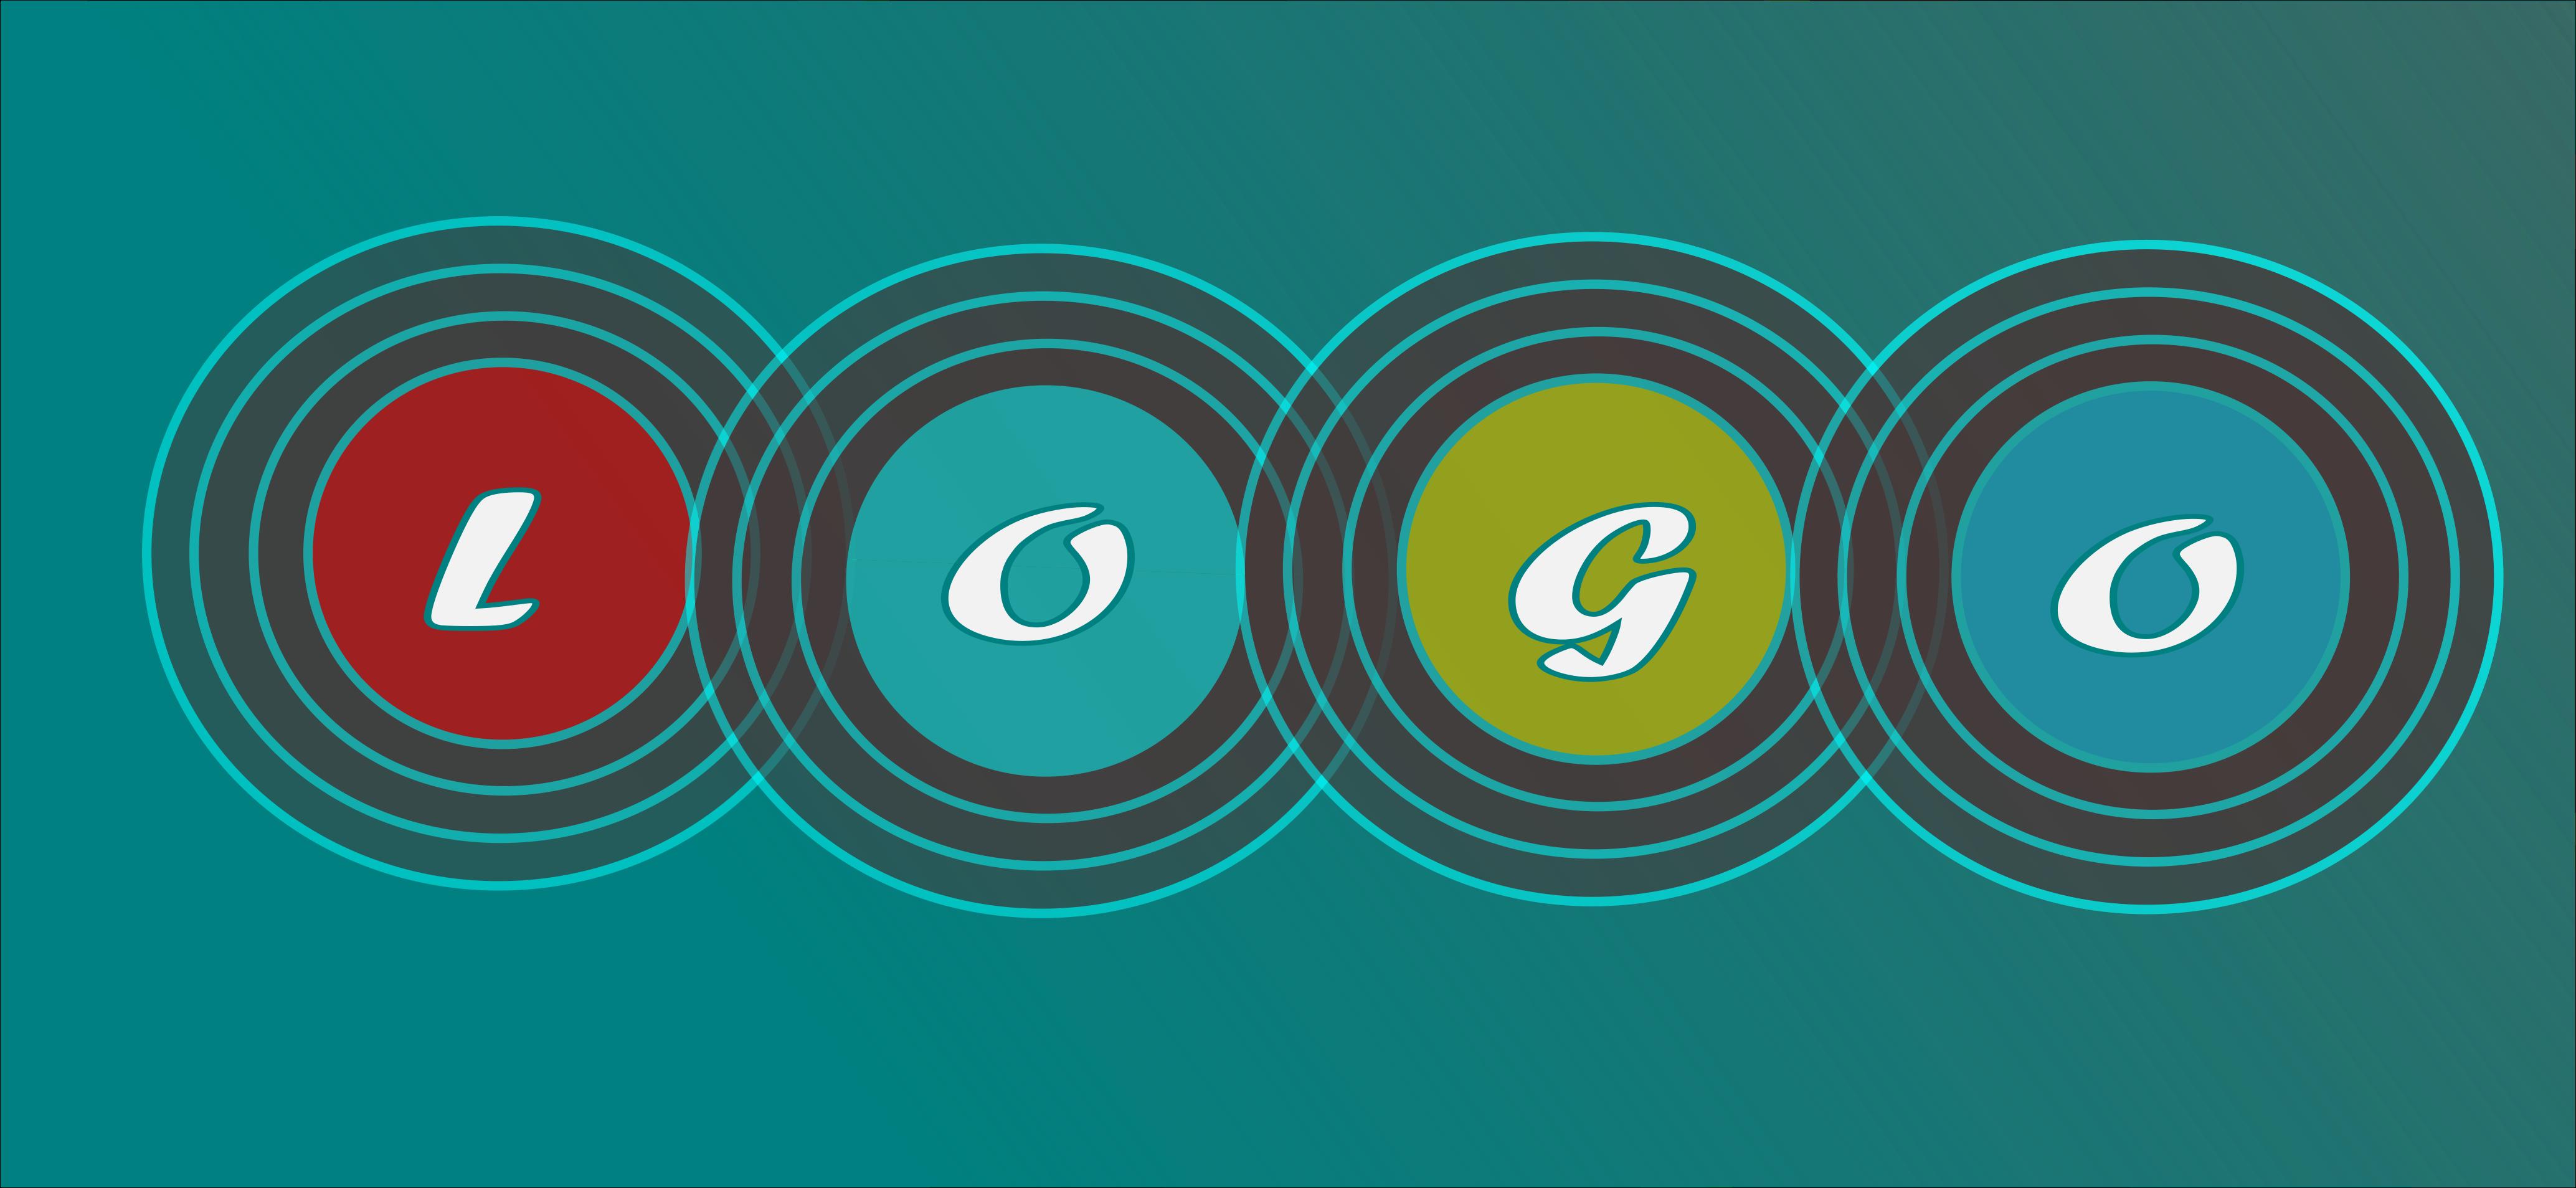 design Professional unique and attractive logo